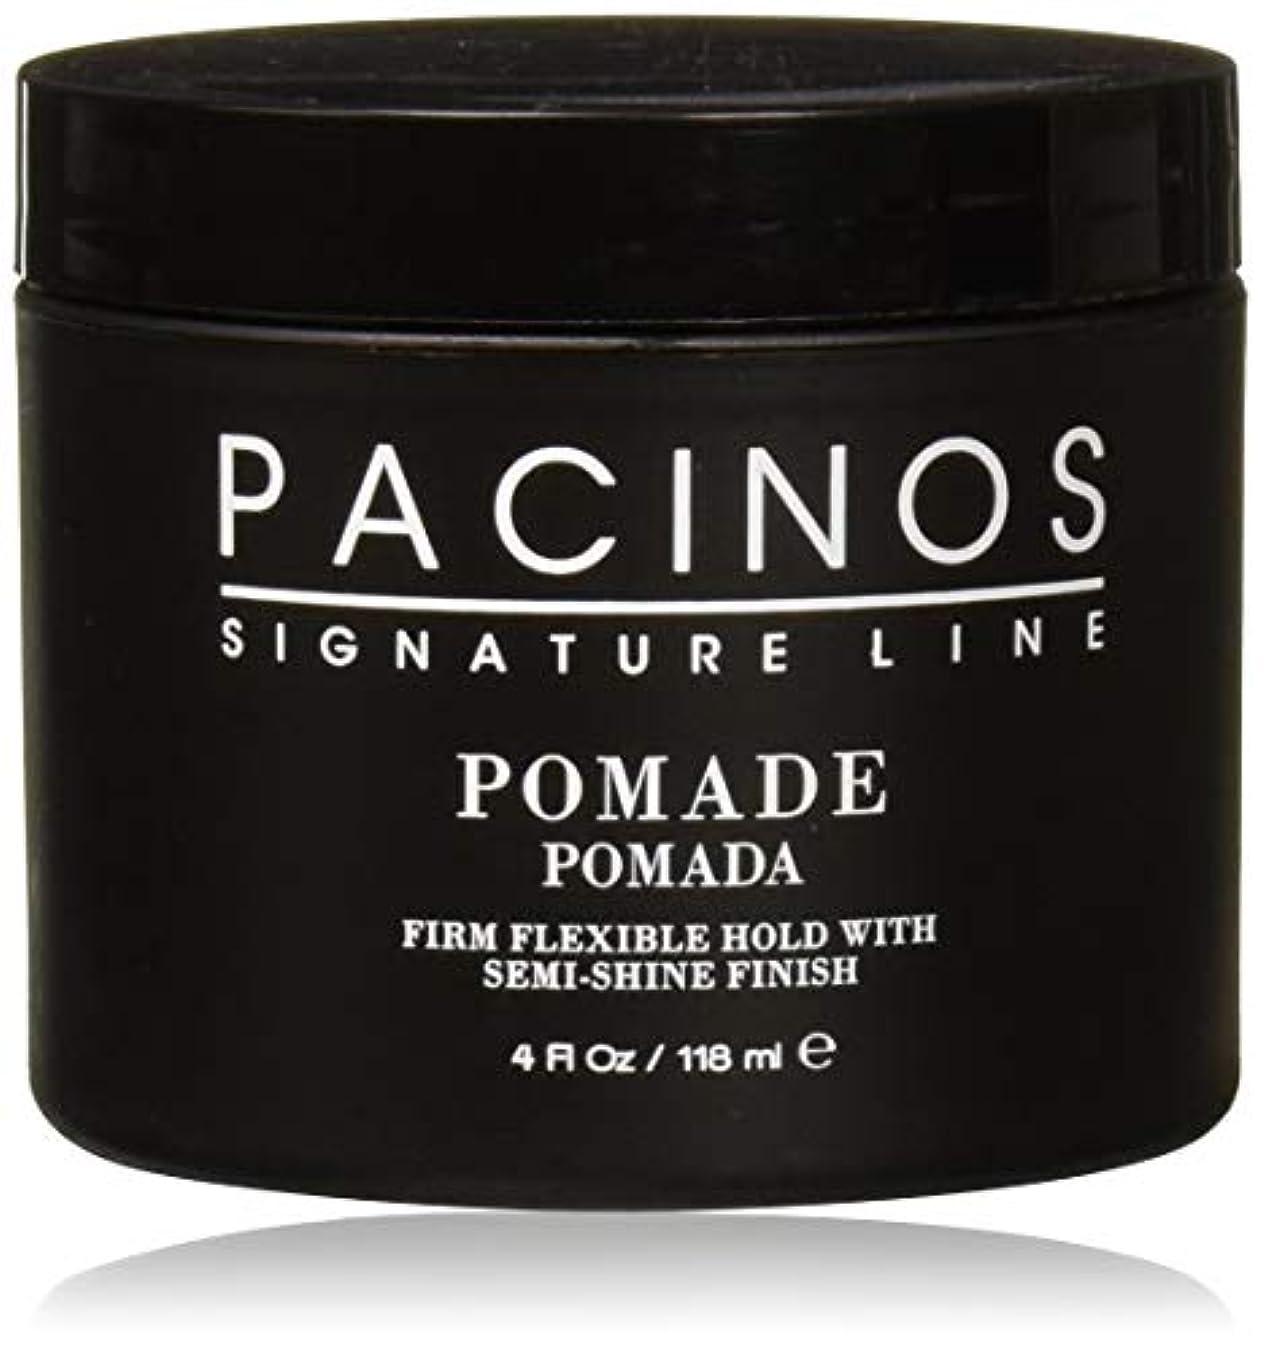 クランプ背が高い選択Pacinos Pomade パチーノス?ポマード【日本正規品】4oz(118g)